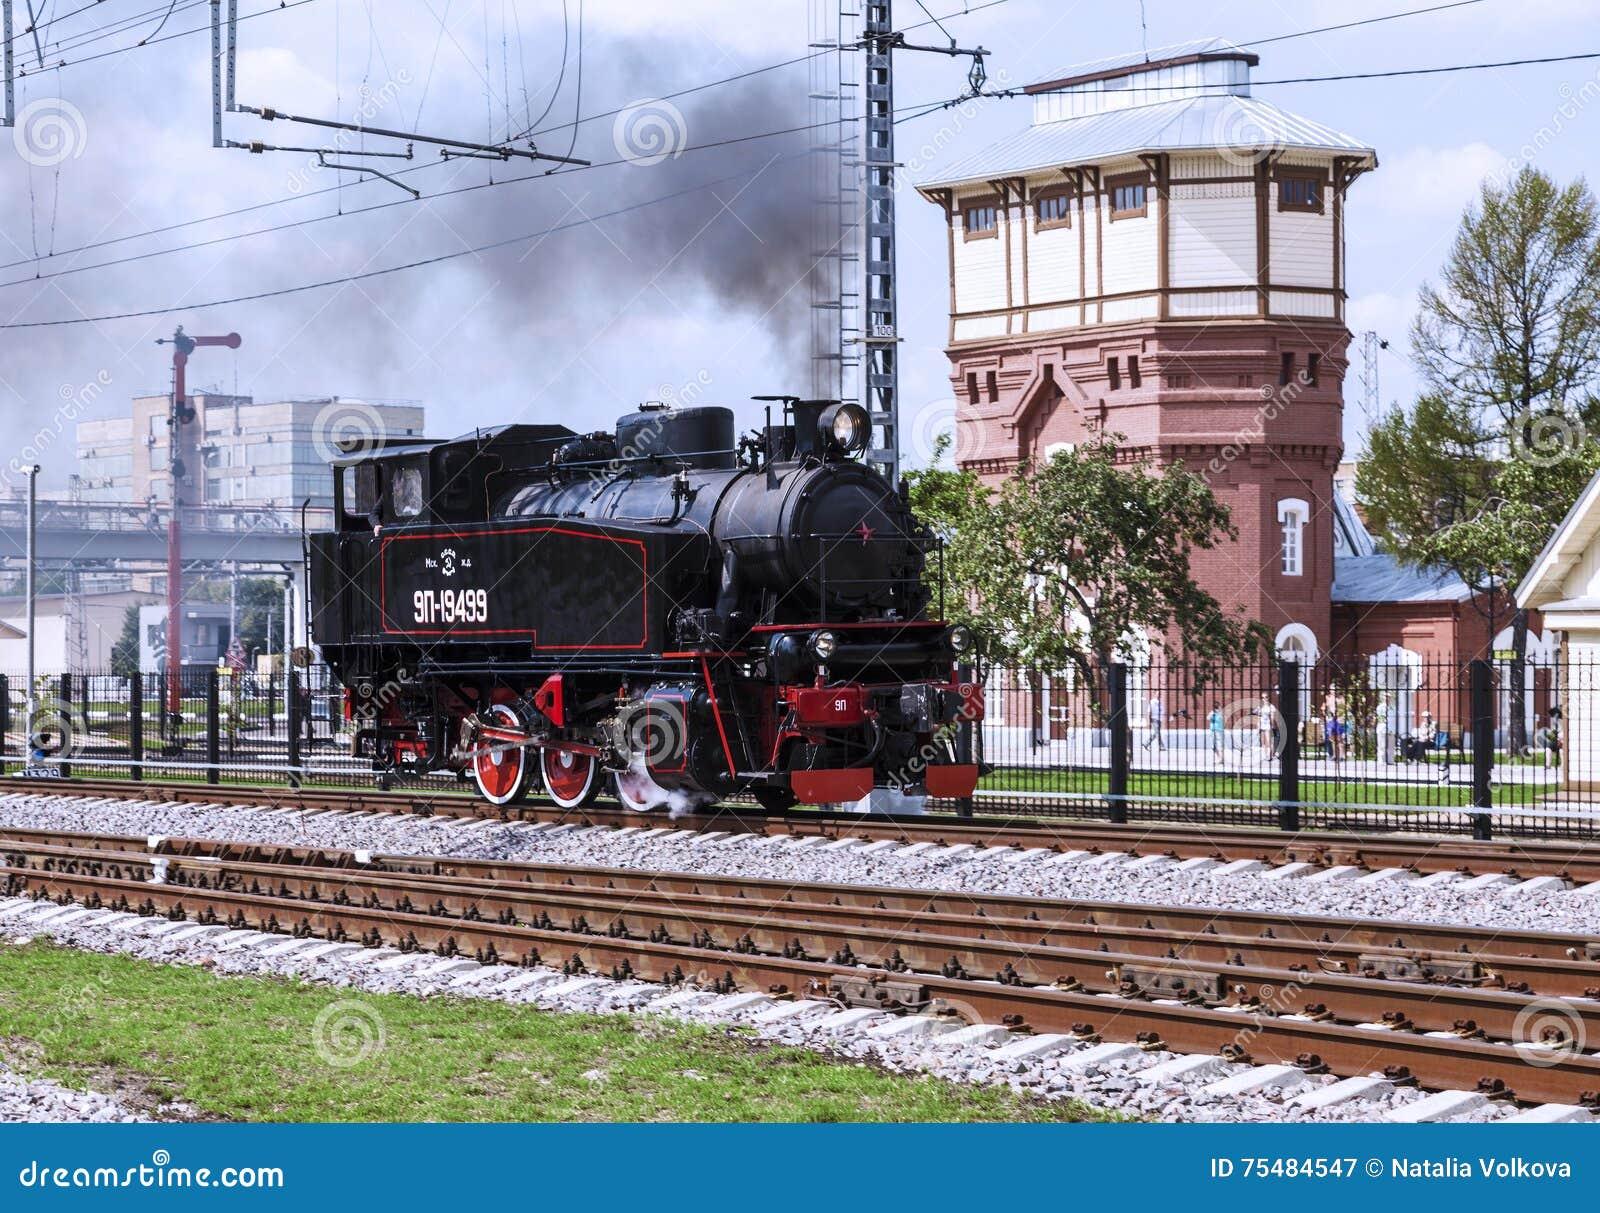 Επίδειξη των αποκατεστημένων εκλεκτής ποιότητας ατμομηχανών στον εορτασμό της ημέρας των στρατευμάτων σιδηροδρόμων της Ρωσικής Ομ